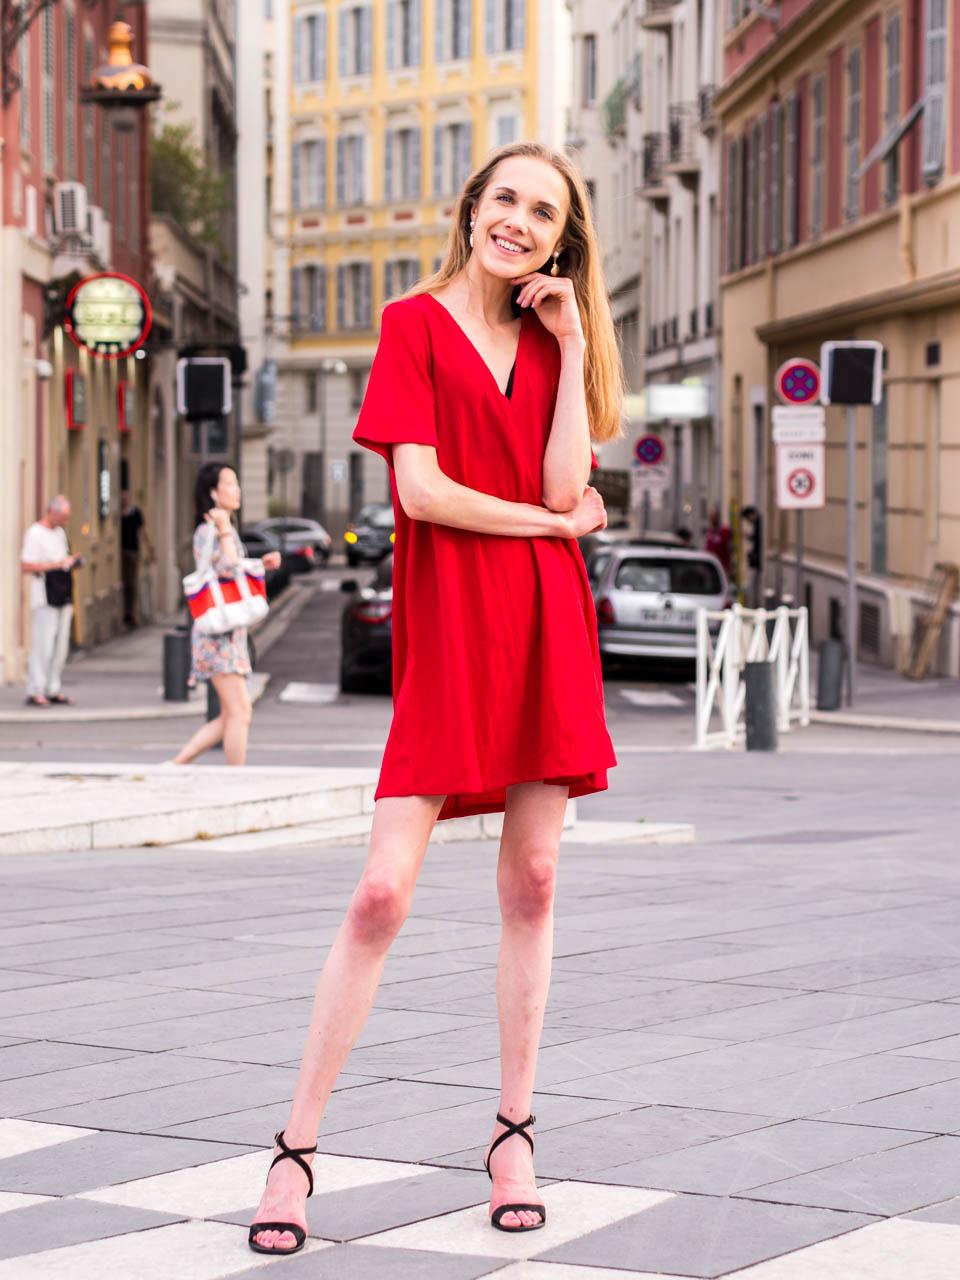 red-summer-dress-nice-france-kesämekko-punainen-nizza-ranska